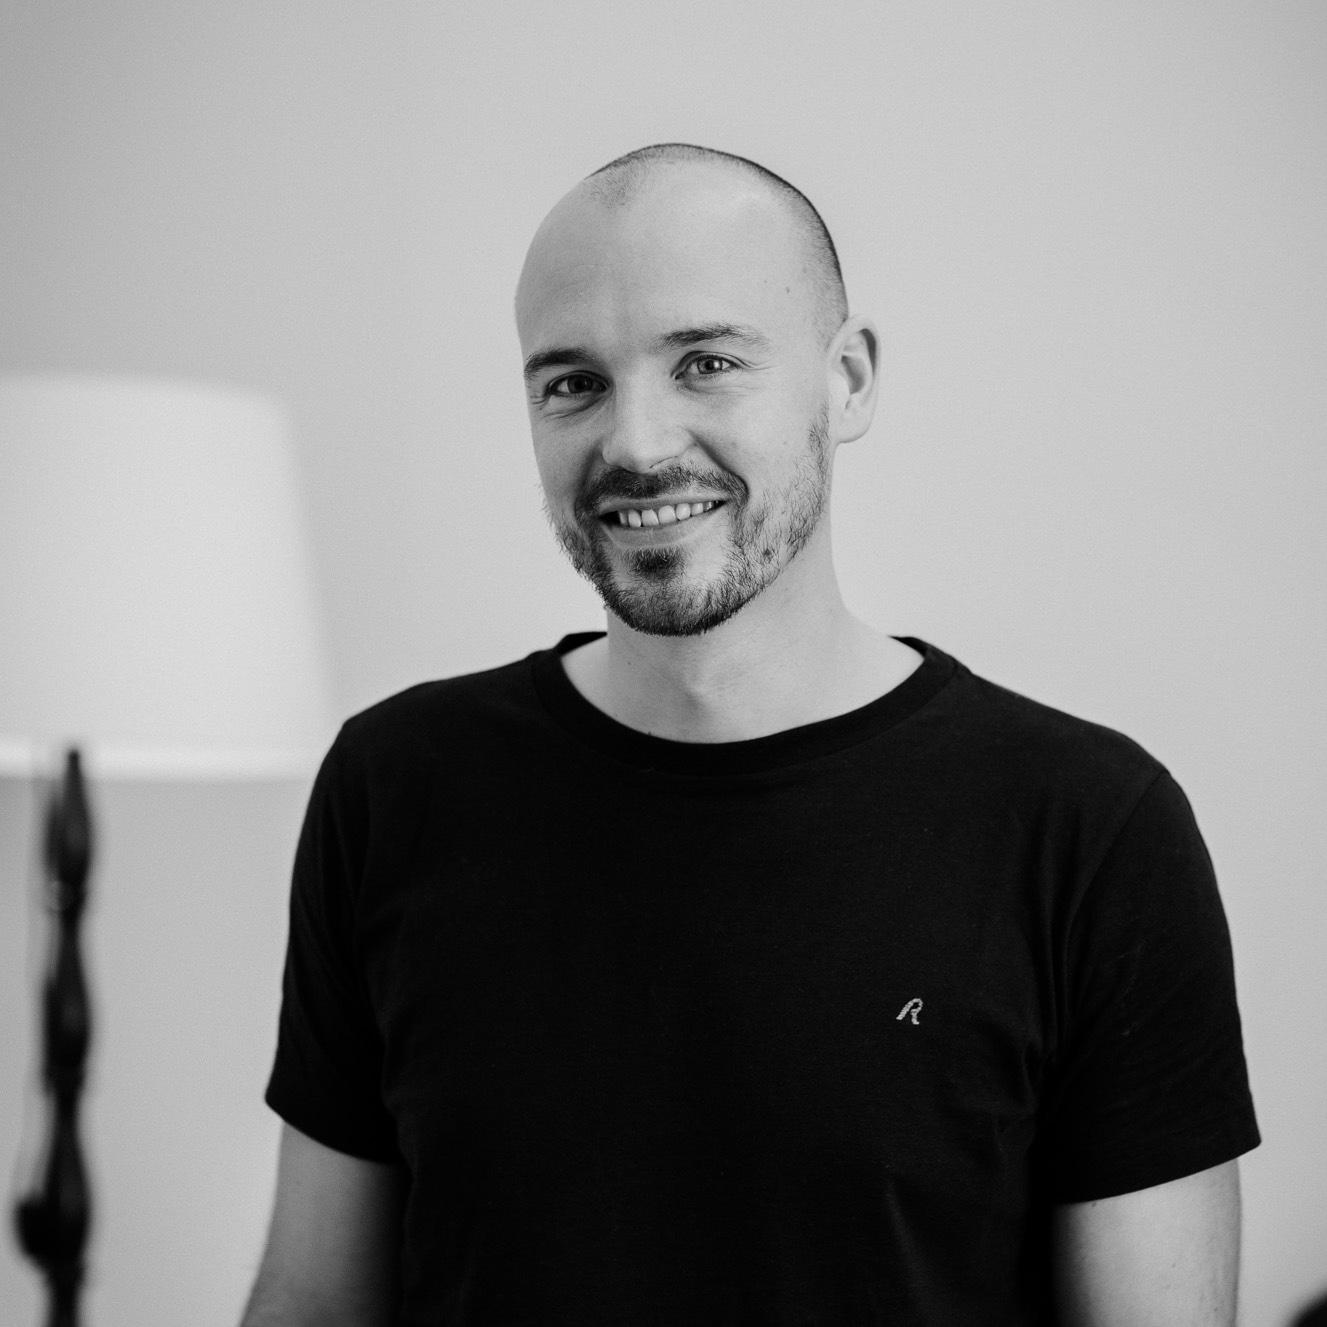 Ilias Zidek